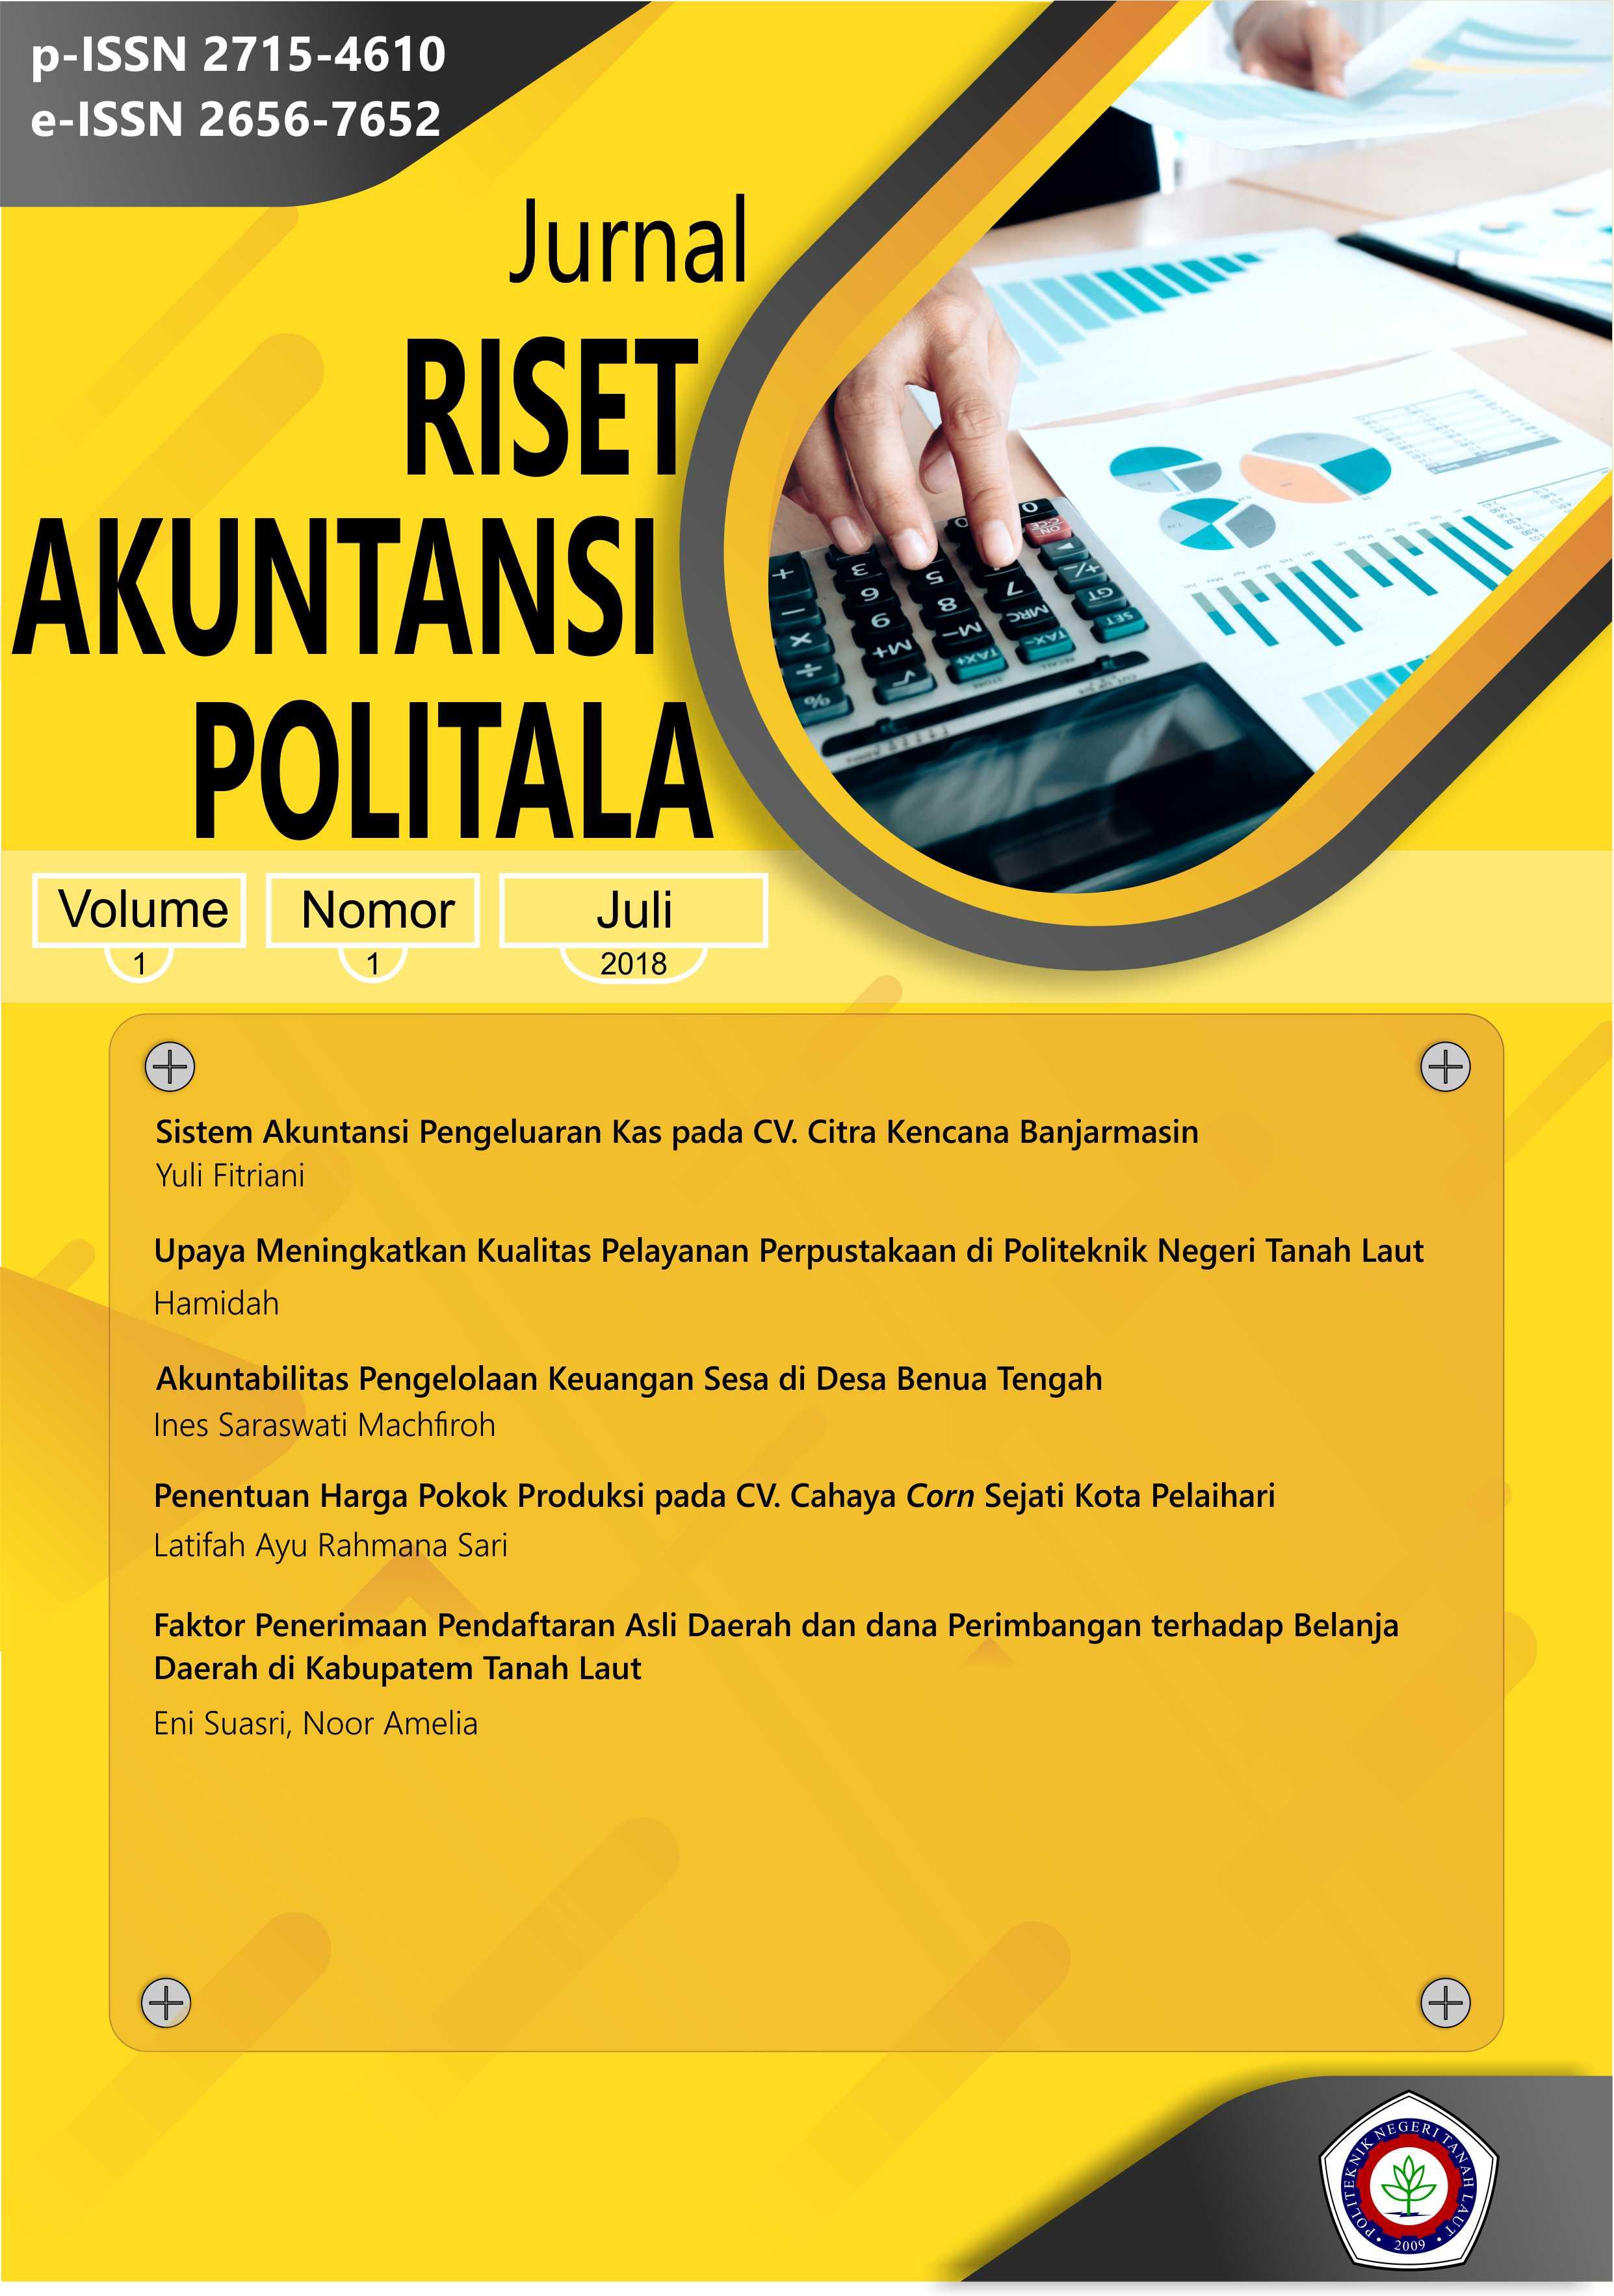 Penentuan Harga Pokok Produksi P Ada Cv Cahay A Corn Seja Ti Kot A Pelaihari Jurnal Riset Akuntansi Politala